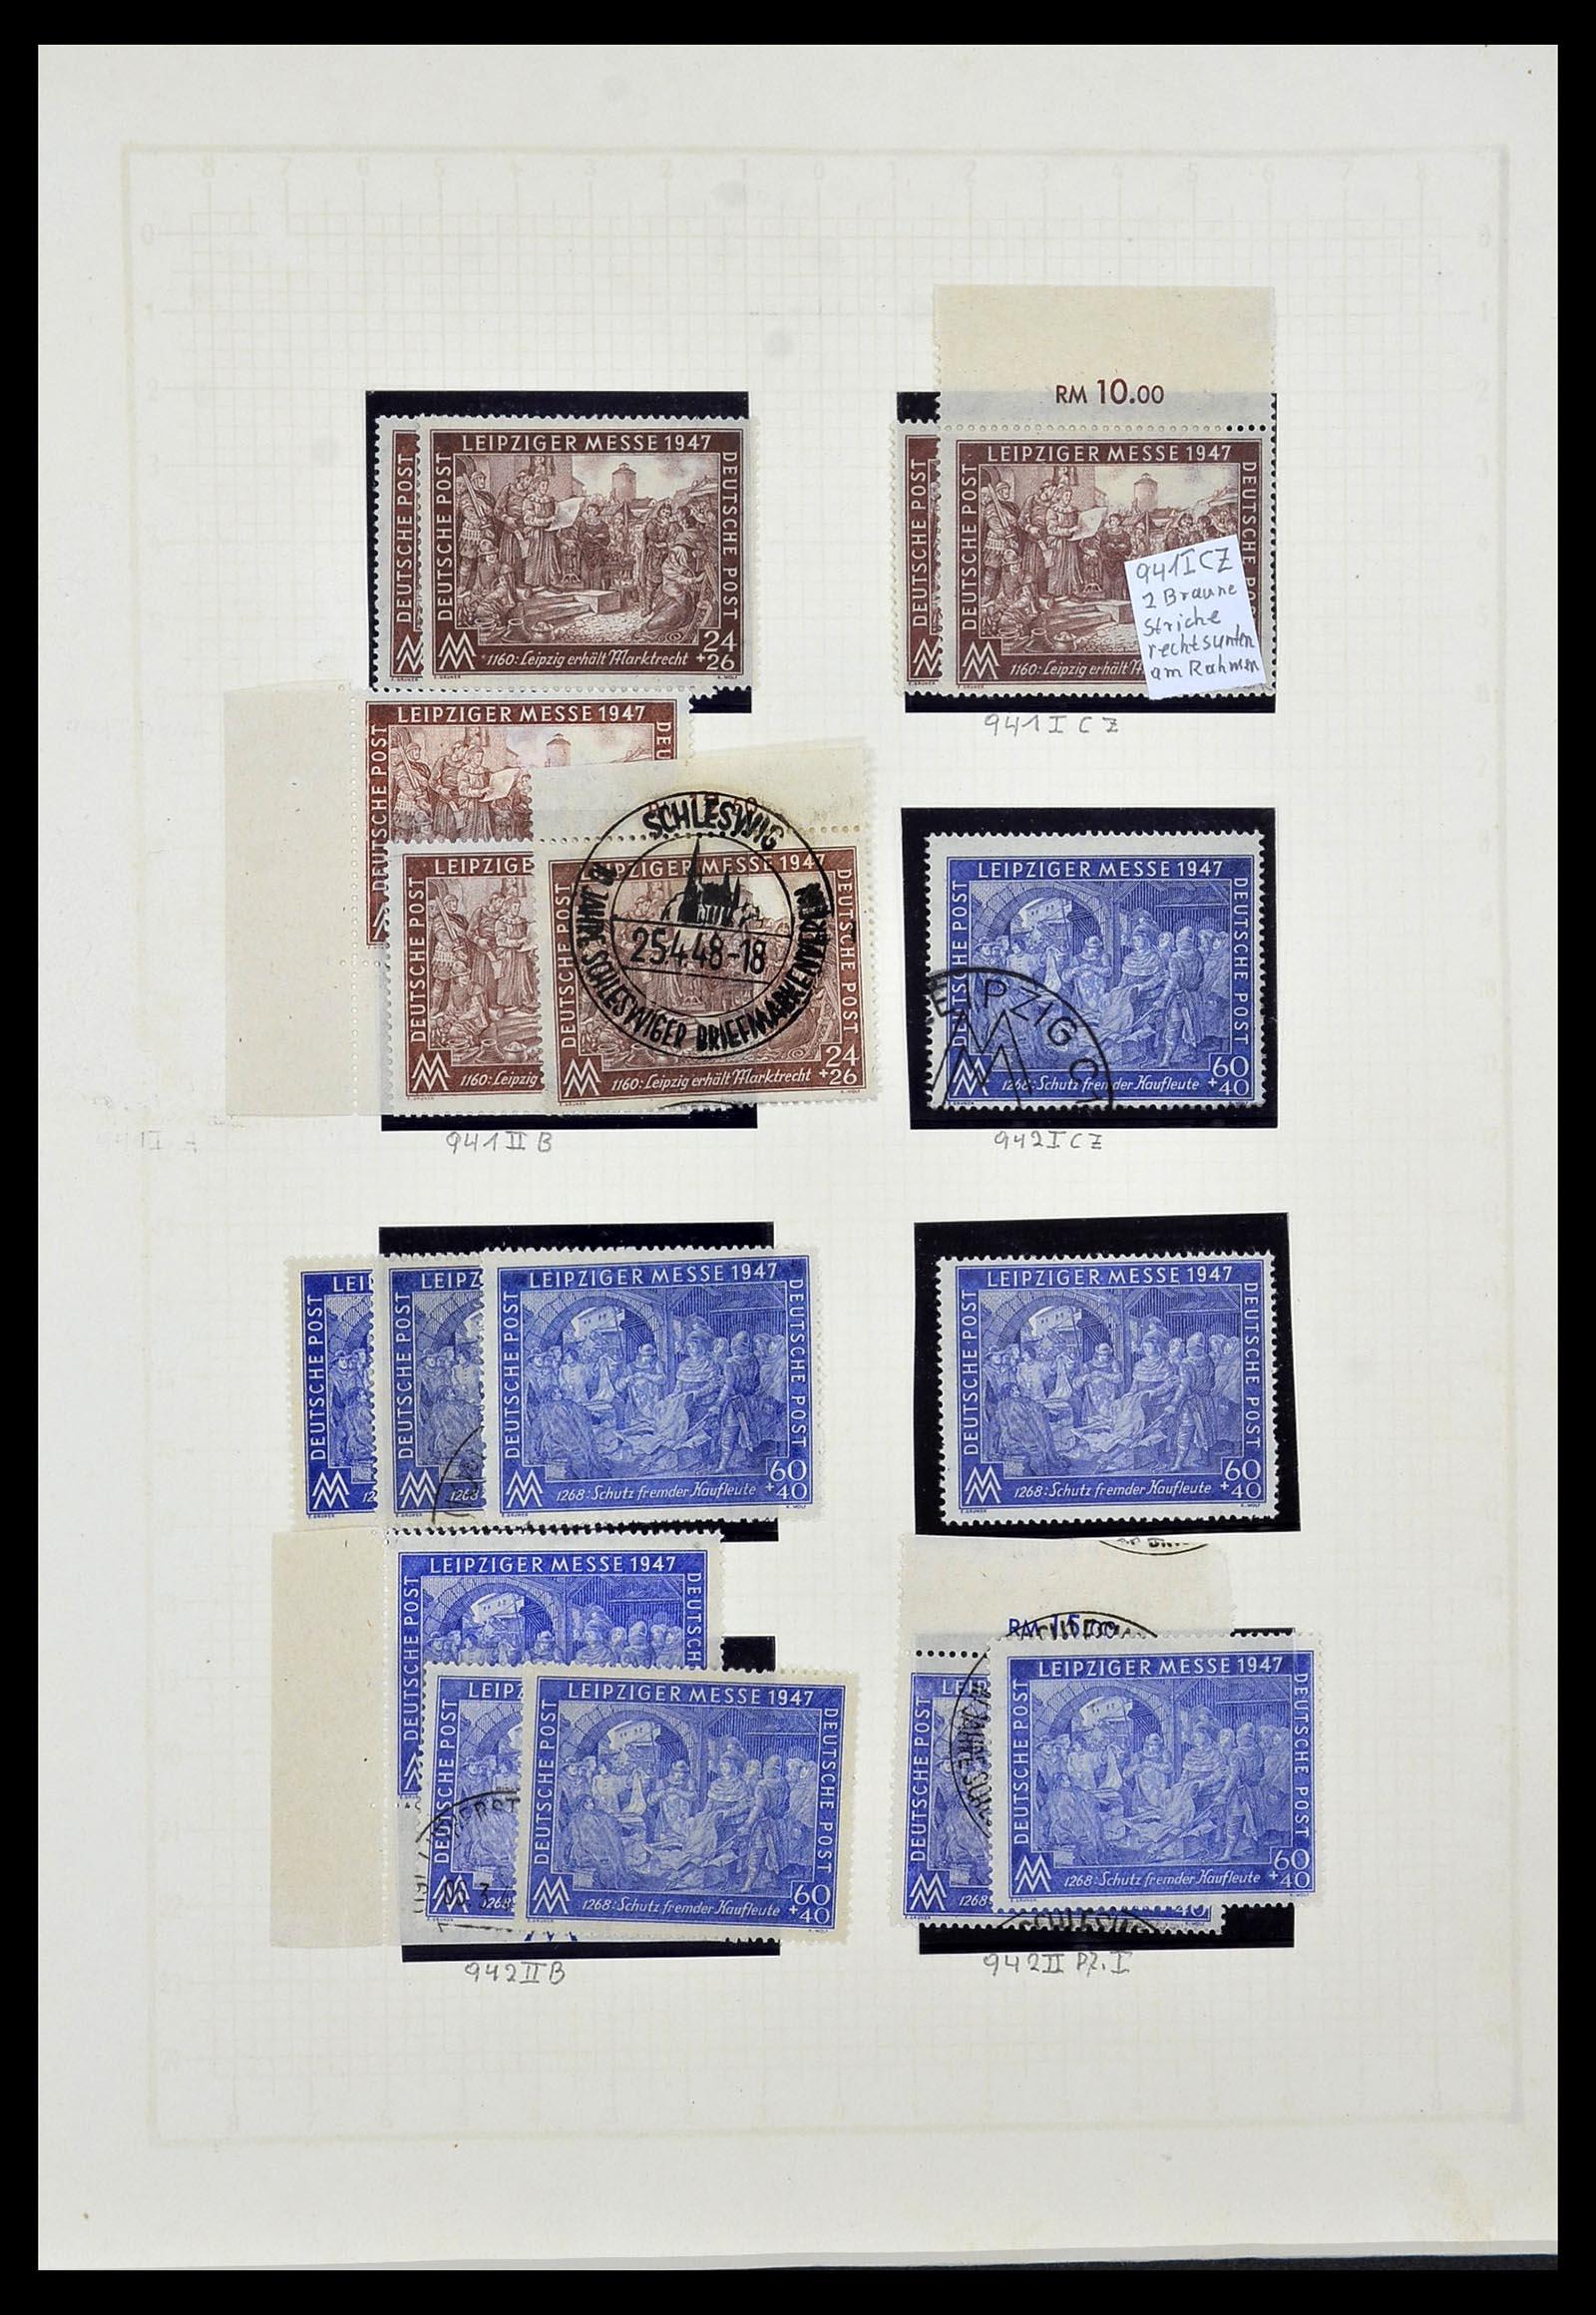 34152 001 - Postzegelverzameling 34152 Duitse Zones 1945-1949.